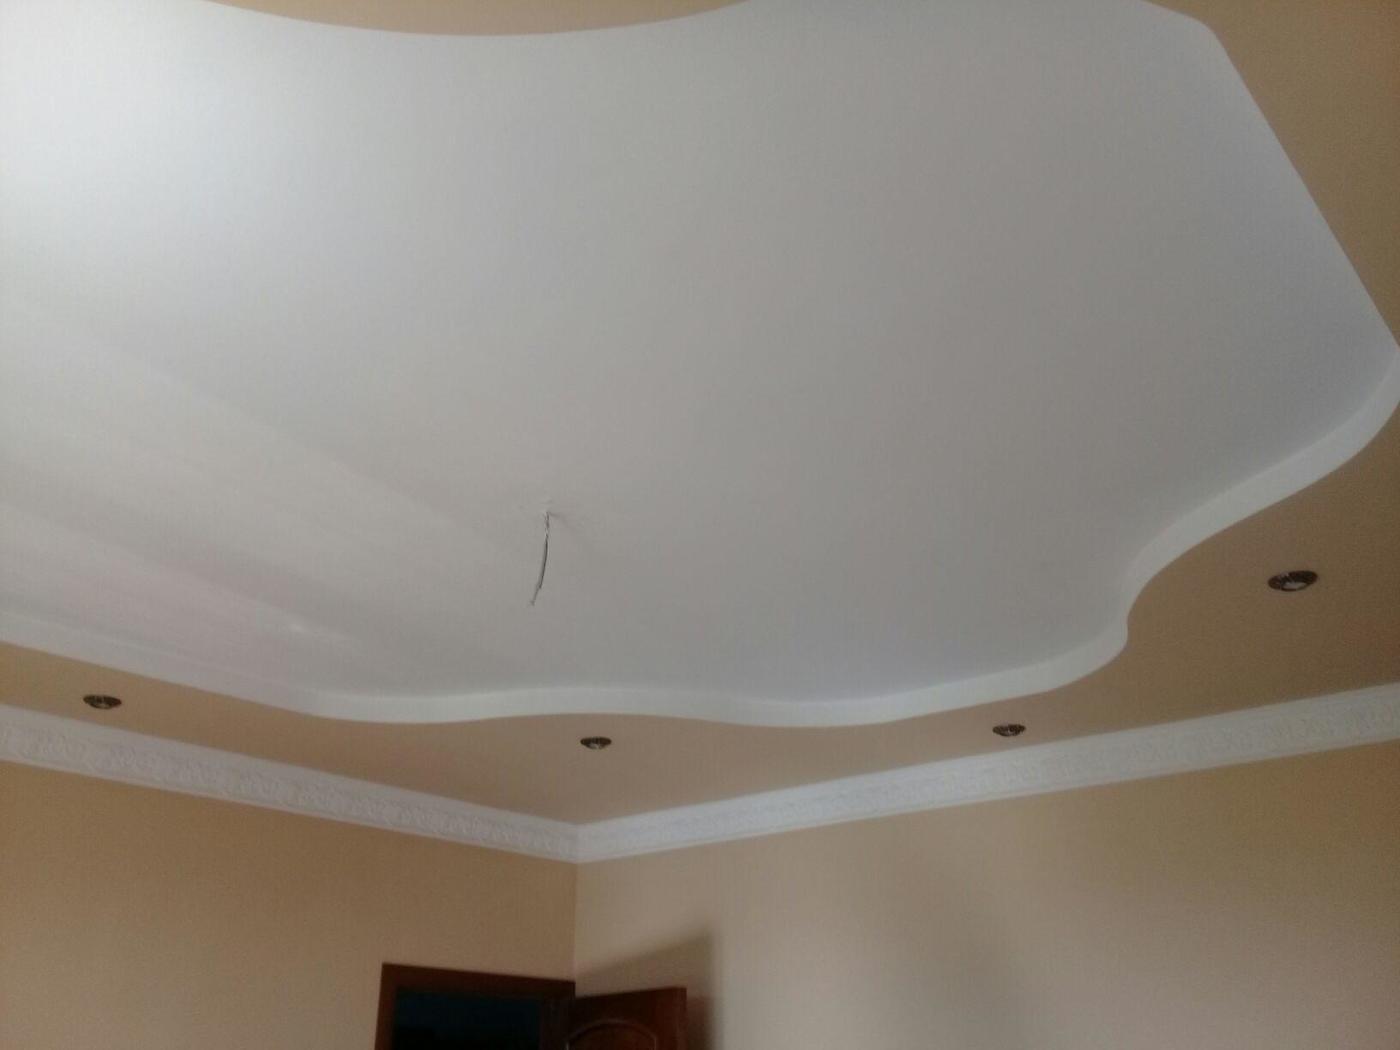 Работы с гипсокартоном. Потолок гипсокартон